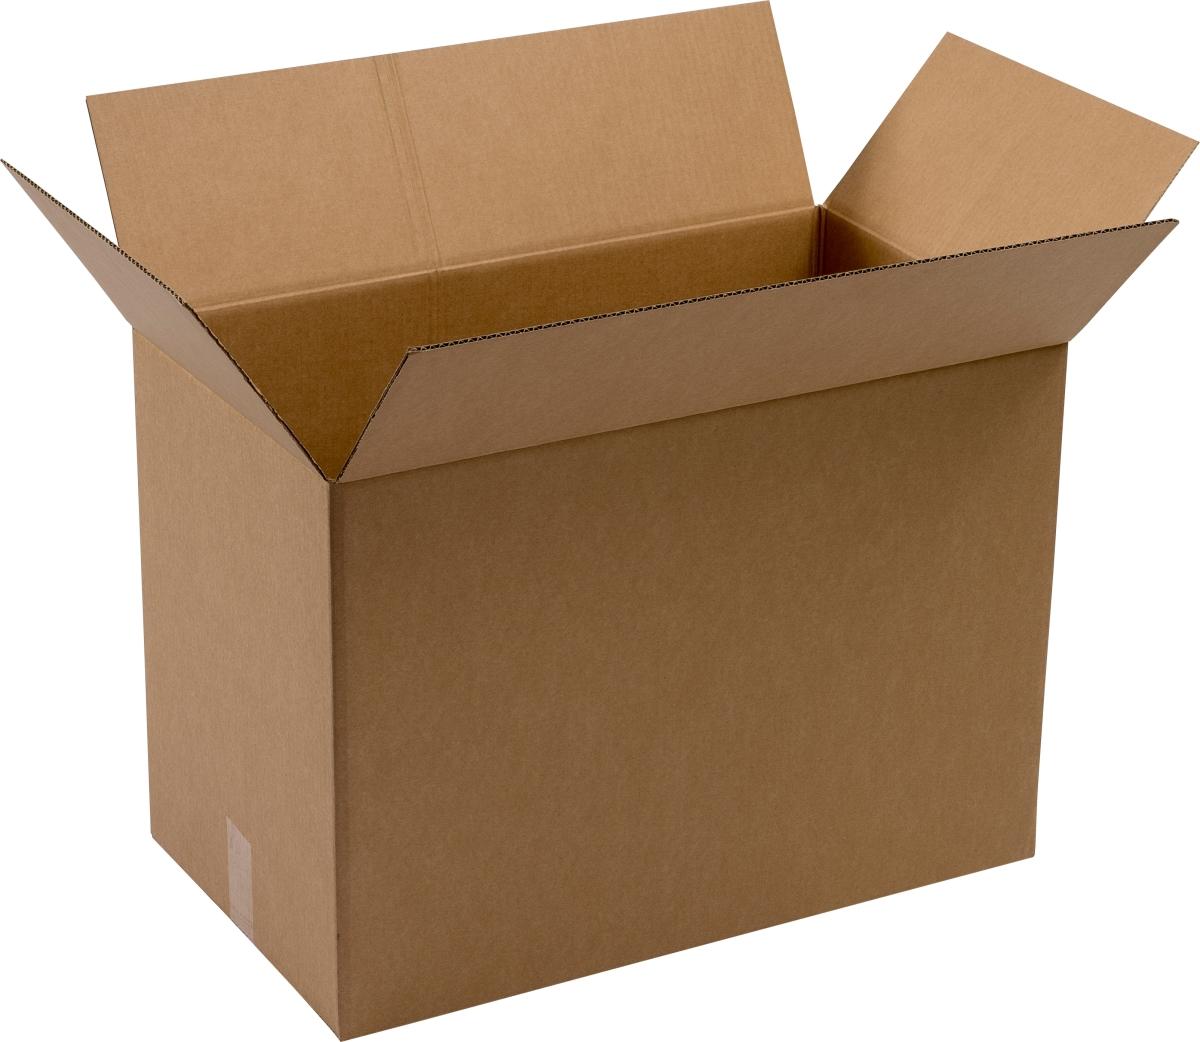 papkasse 1 lags 700 x 400 x 500 mm k b til fast lav. Black Bedroom Furniture Sets. Home Design Ideas